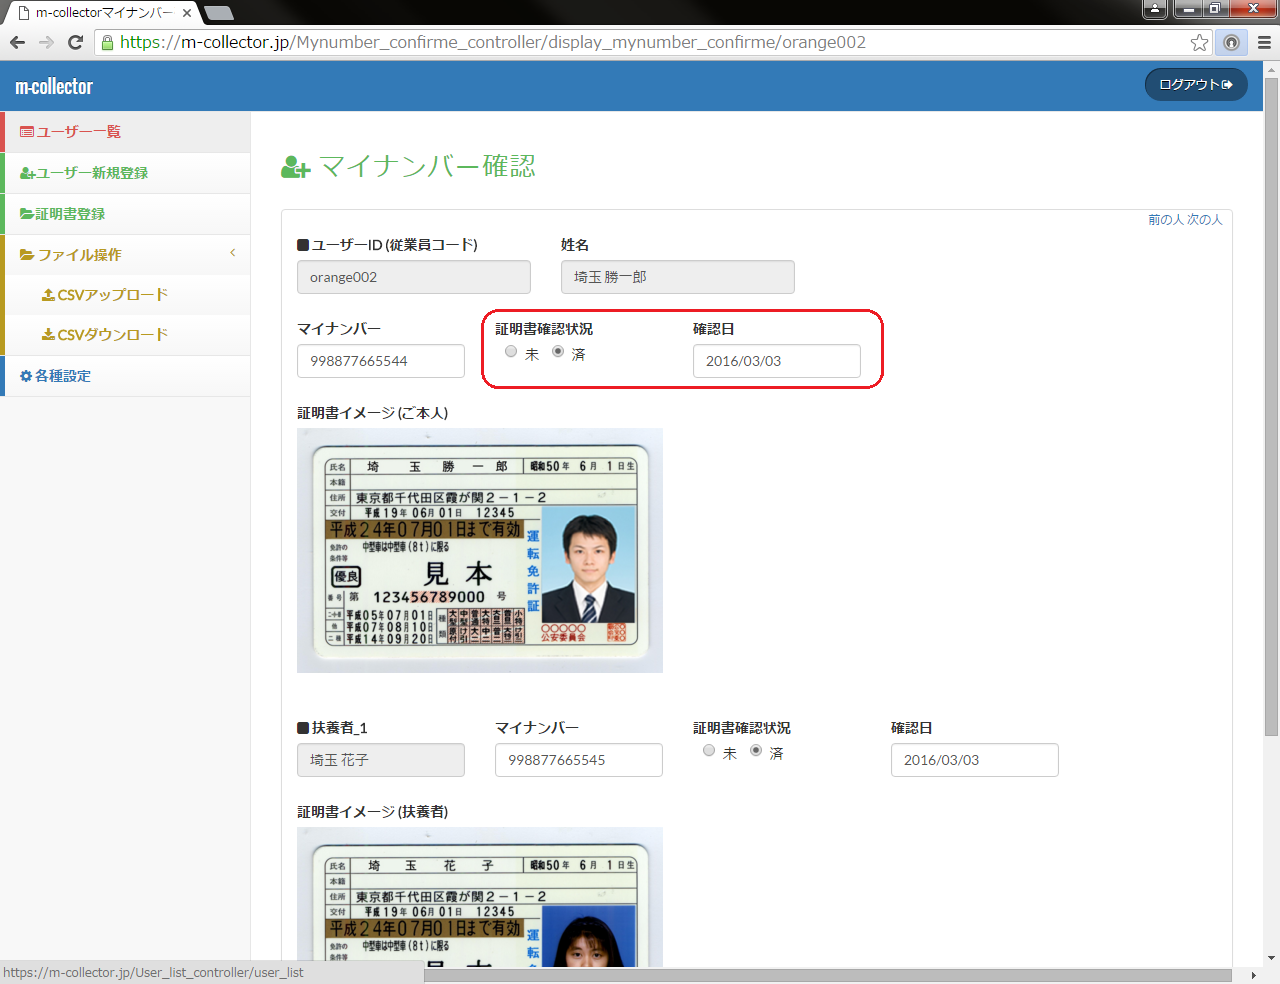 マイナンバー確認から:管理者:マイナンバー確認画面(ユーザー一覧から証明書表示をクリック)